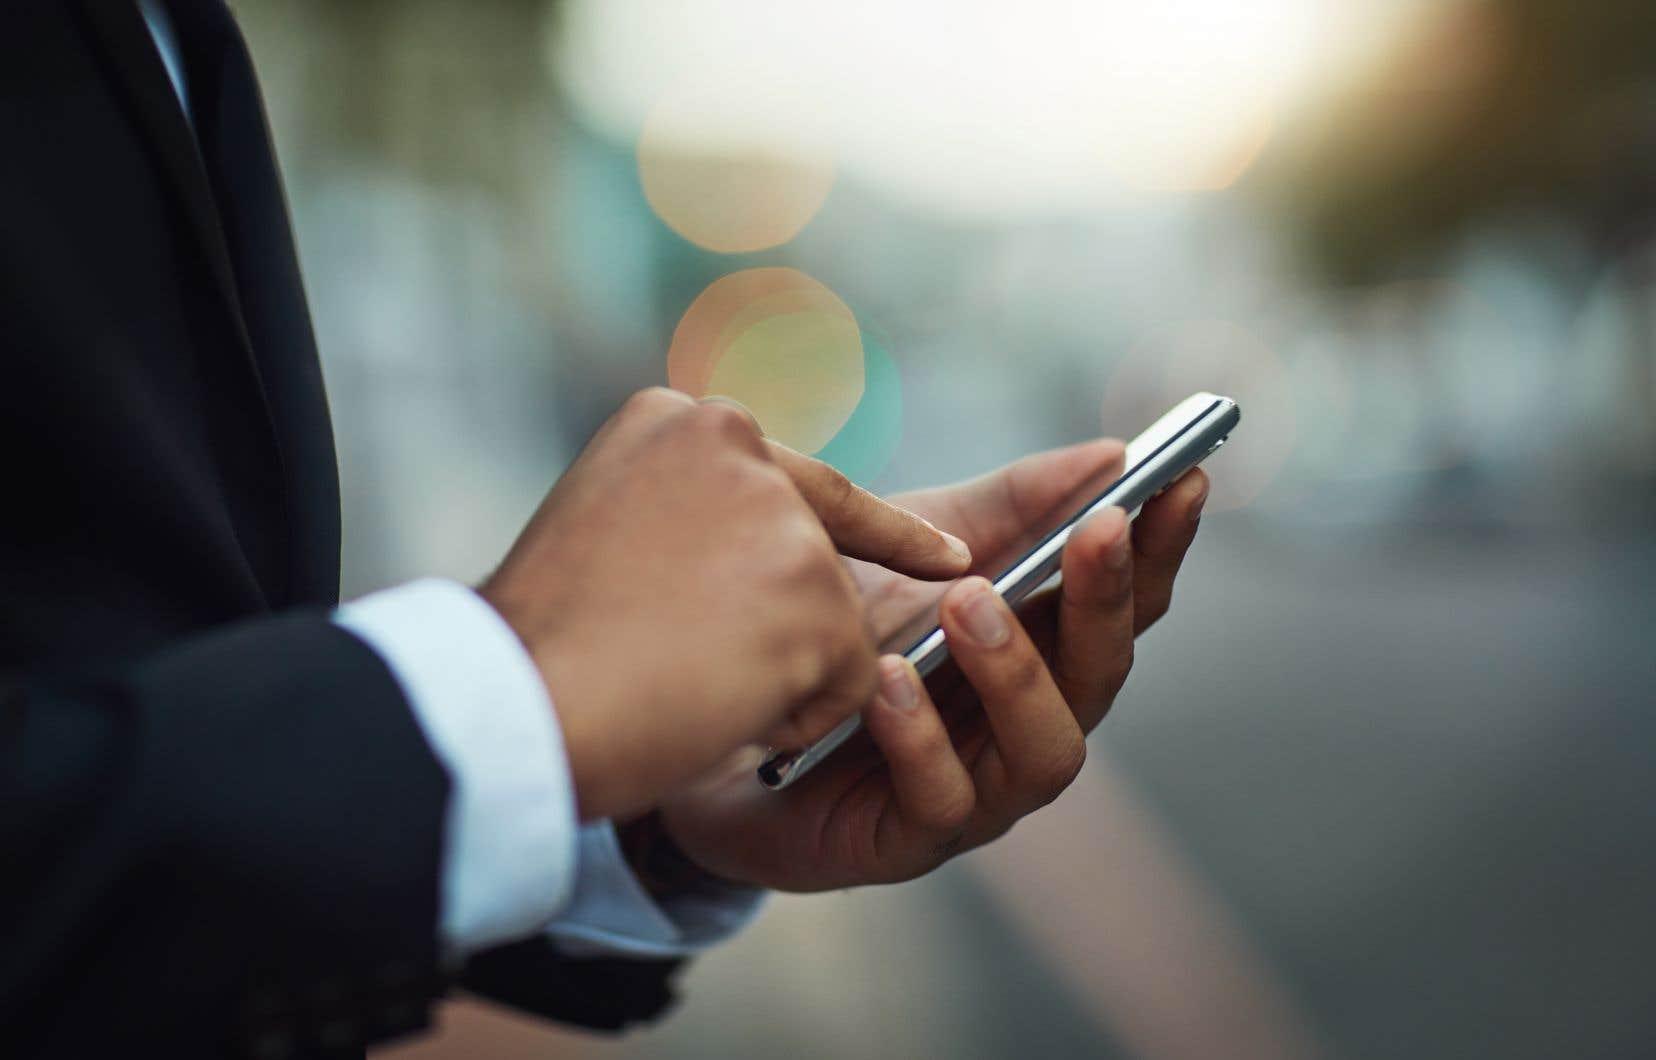 La liste de 50000 numéros de téléphone sélectionnés par les clients de NSO pour une surveillance potentielle comprend ceux d'au moins 180 journalistes, 600 hommes et femmes politiques, 85 militants des droits de la personne et 65 chefs d'entreprise.